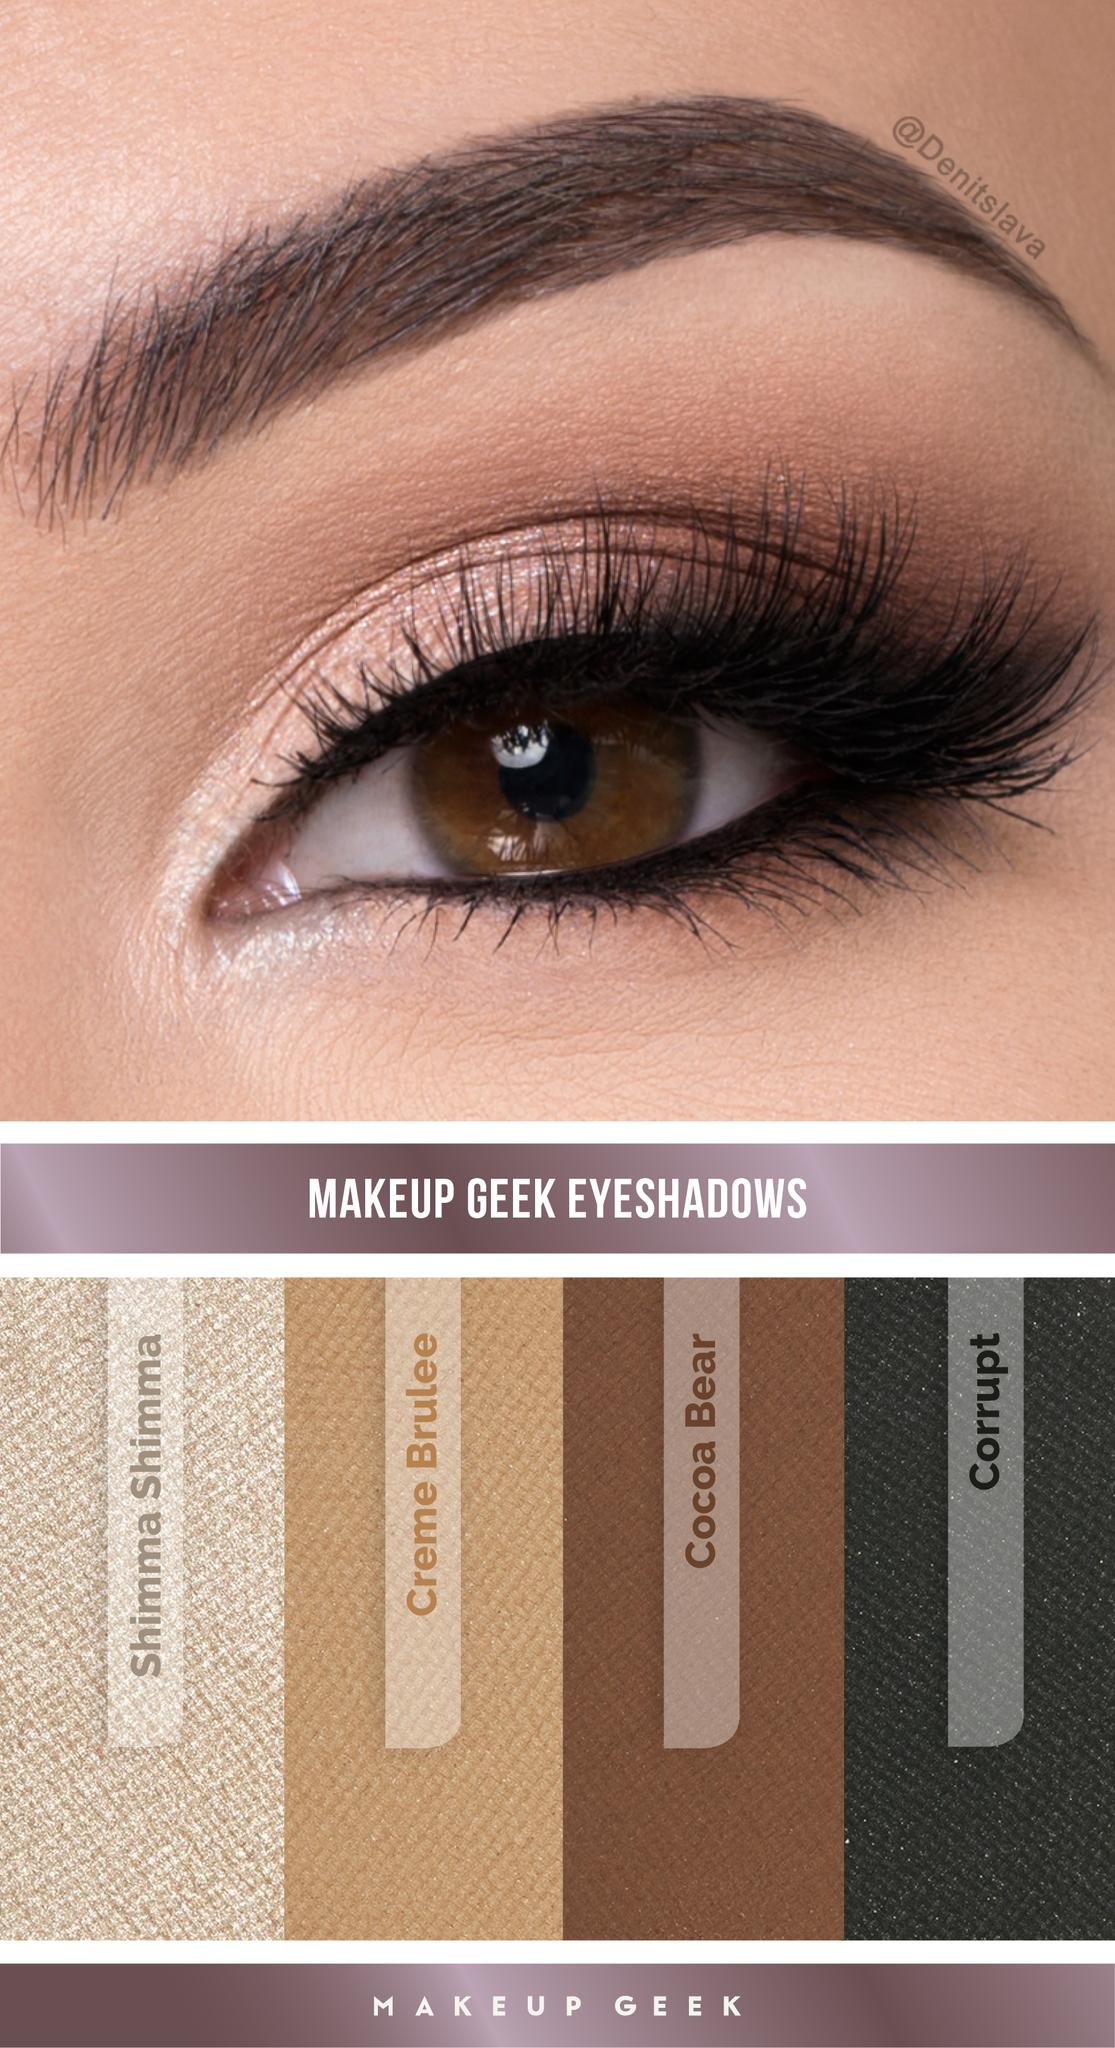 Natural Smokey Eye Look by Denitslava M using Makeup Geek